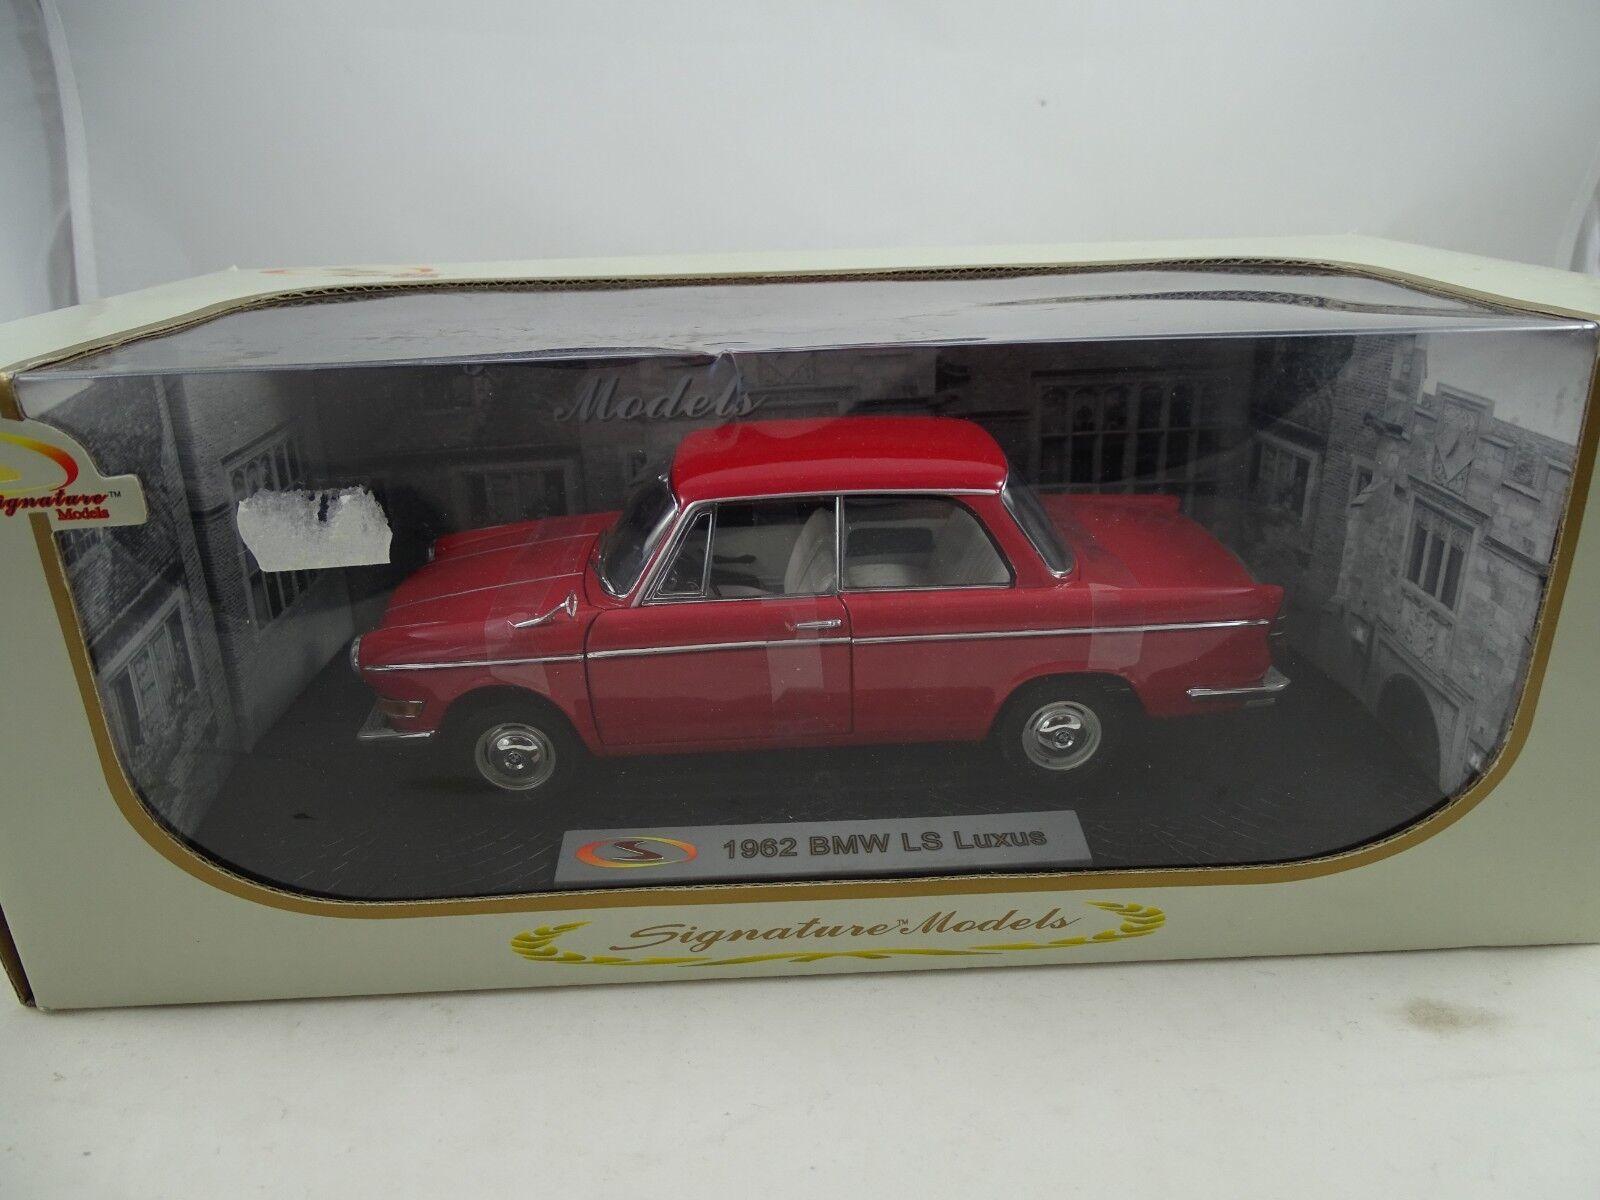 1:18 Signature Models  18125 - 1962 BMW Ls Luxus Rosso - Rarità §